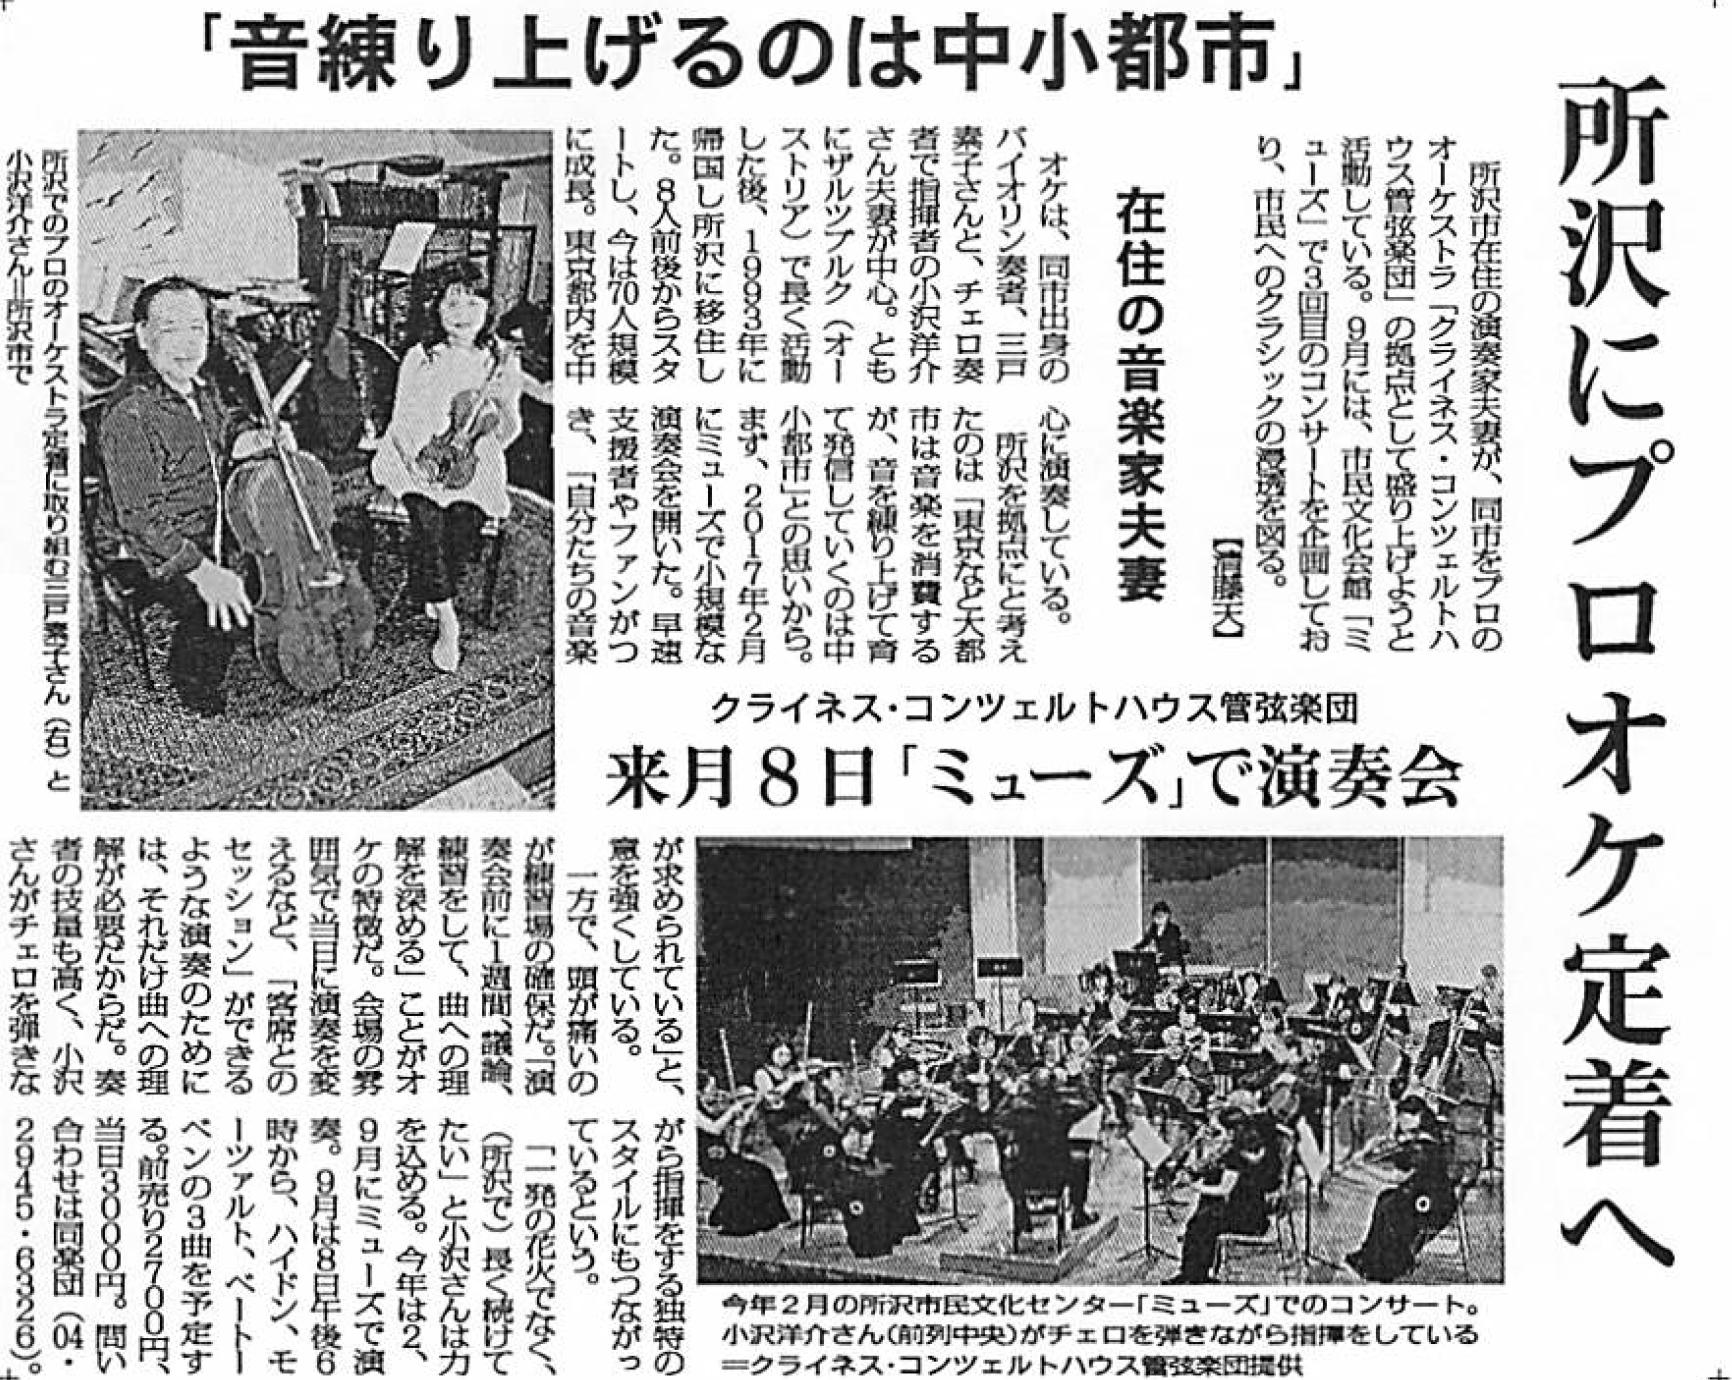 クライネス・コンツェルトハウス・オーケストラ_毎日新聞埼玉_2018年